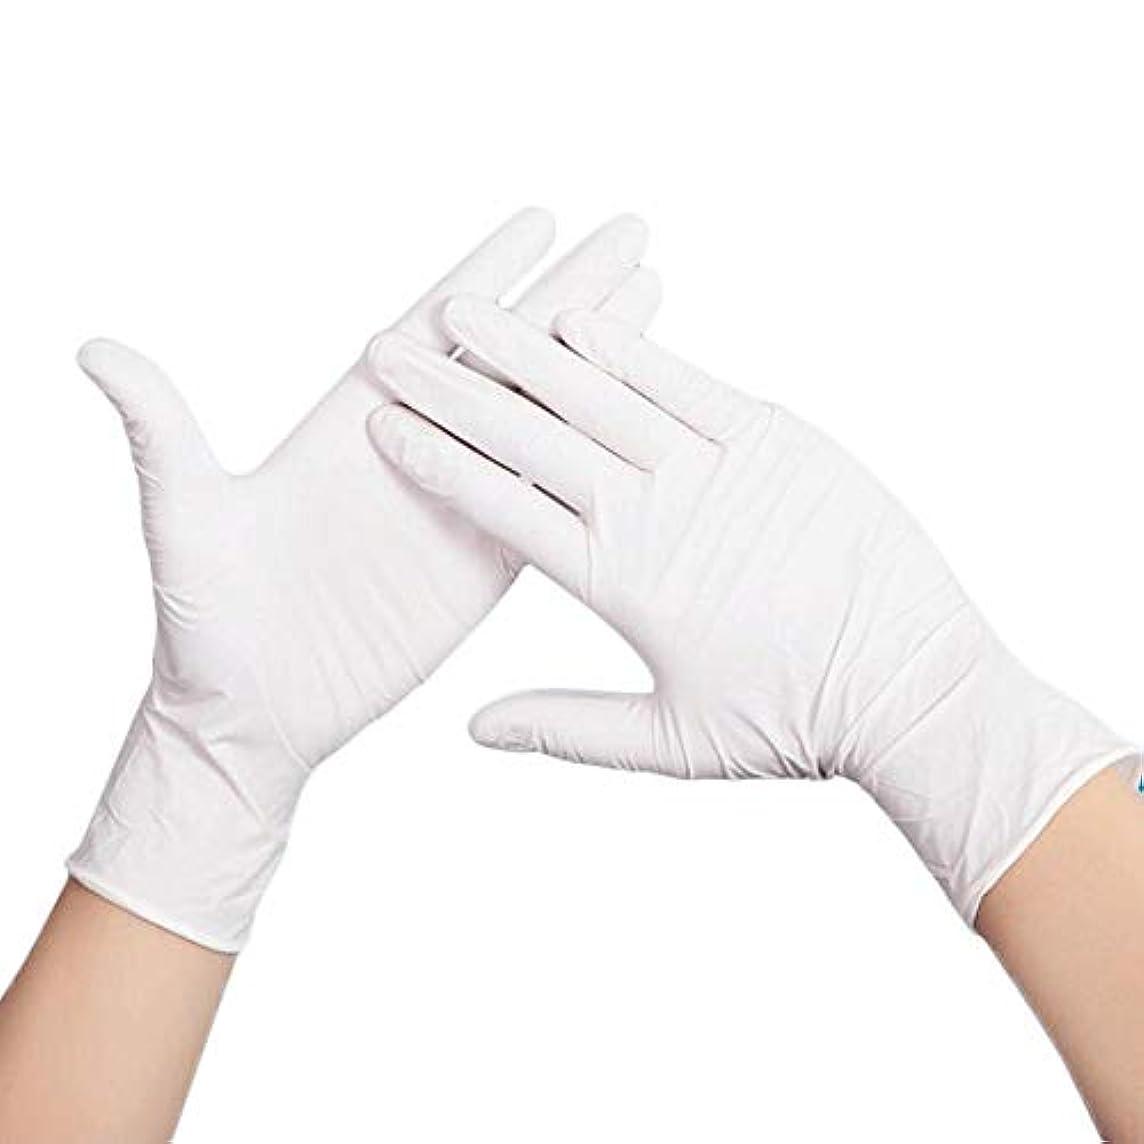 ダブル黒不健全乳白色の11インチの使い捨て可能な粉体検査ゴムラテックス手袋 - 着用が簡単で快適なフィット YANW (色 : A, サイズ さいず : M m)